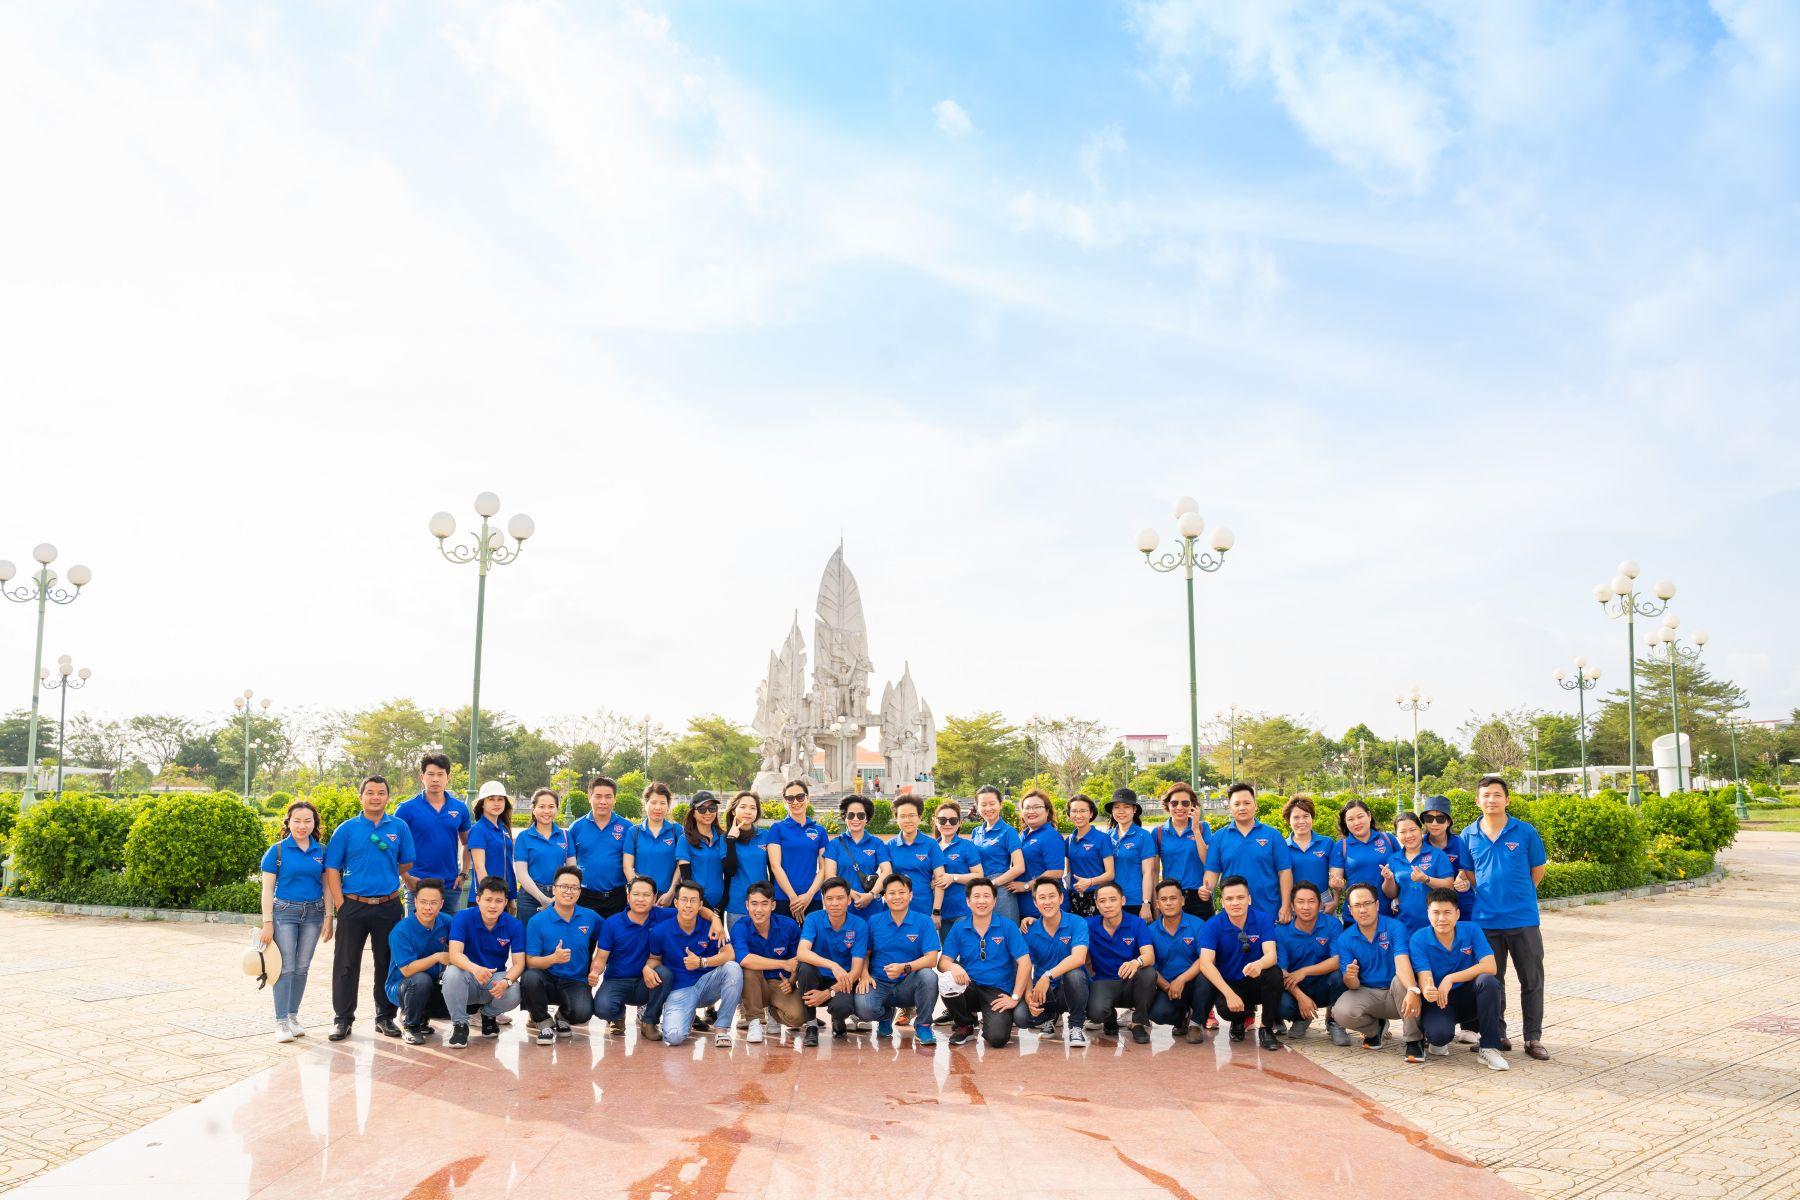 DIC2 Hành Trình Về Nguồn – Chào Mừng Kỷ Niệm 90 Năm Ngày Thành Lập Đoàn Thanh Niên Cộng Sản Hồ Chí Minh.